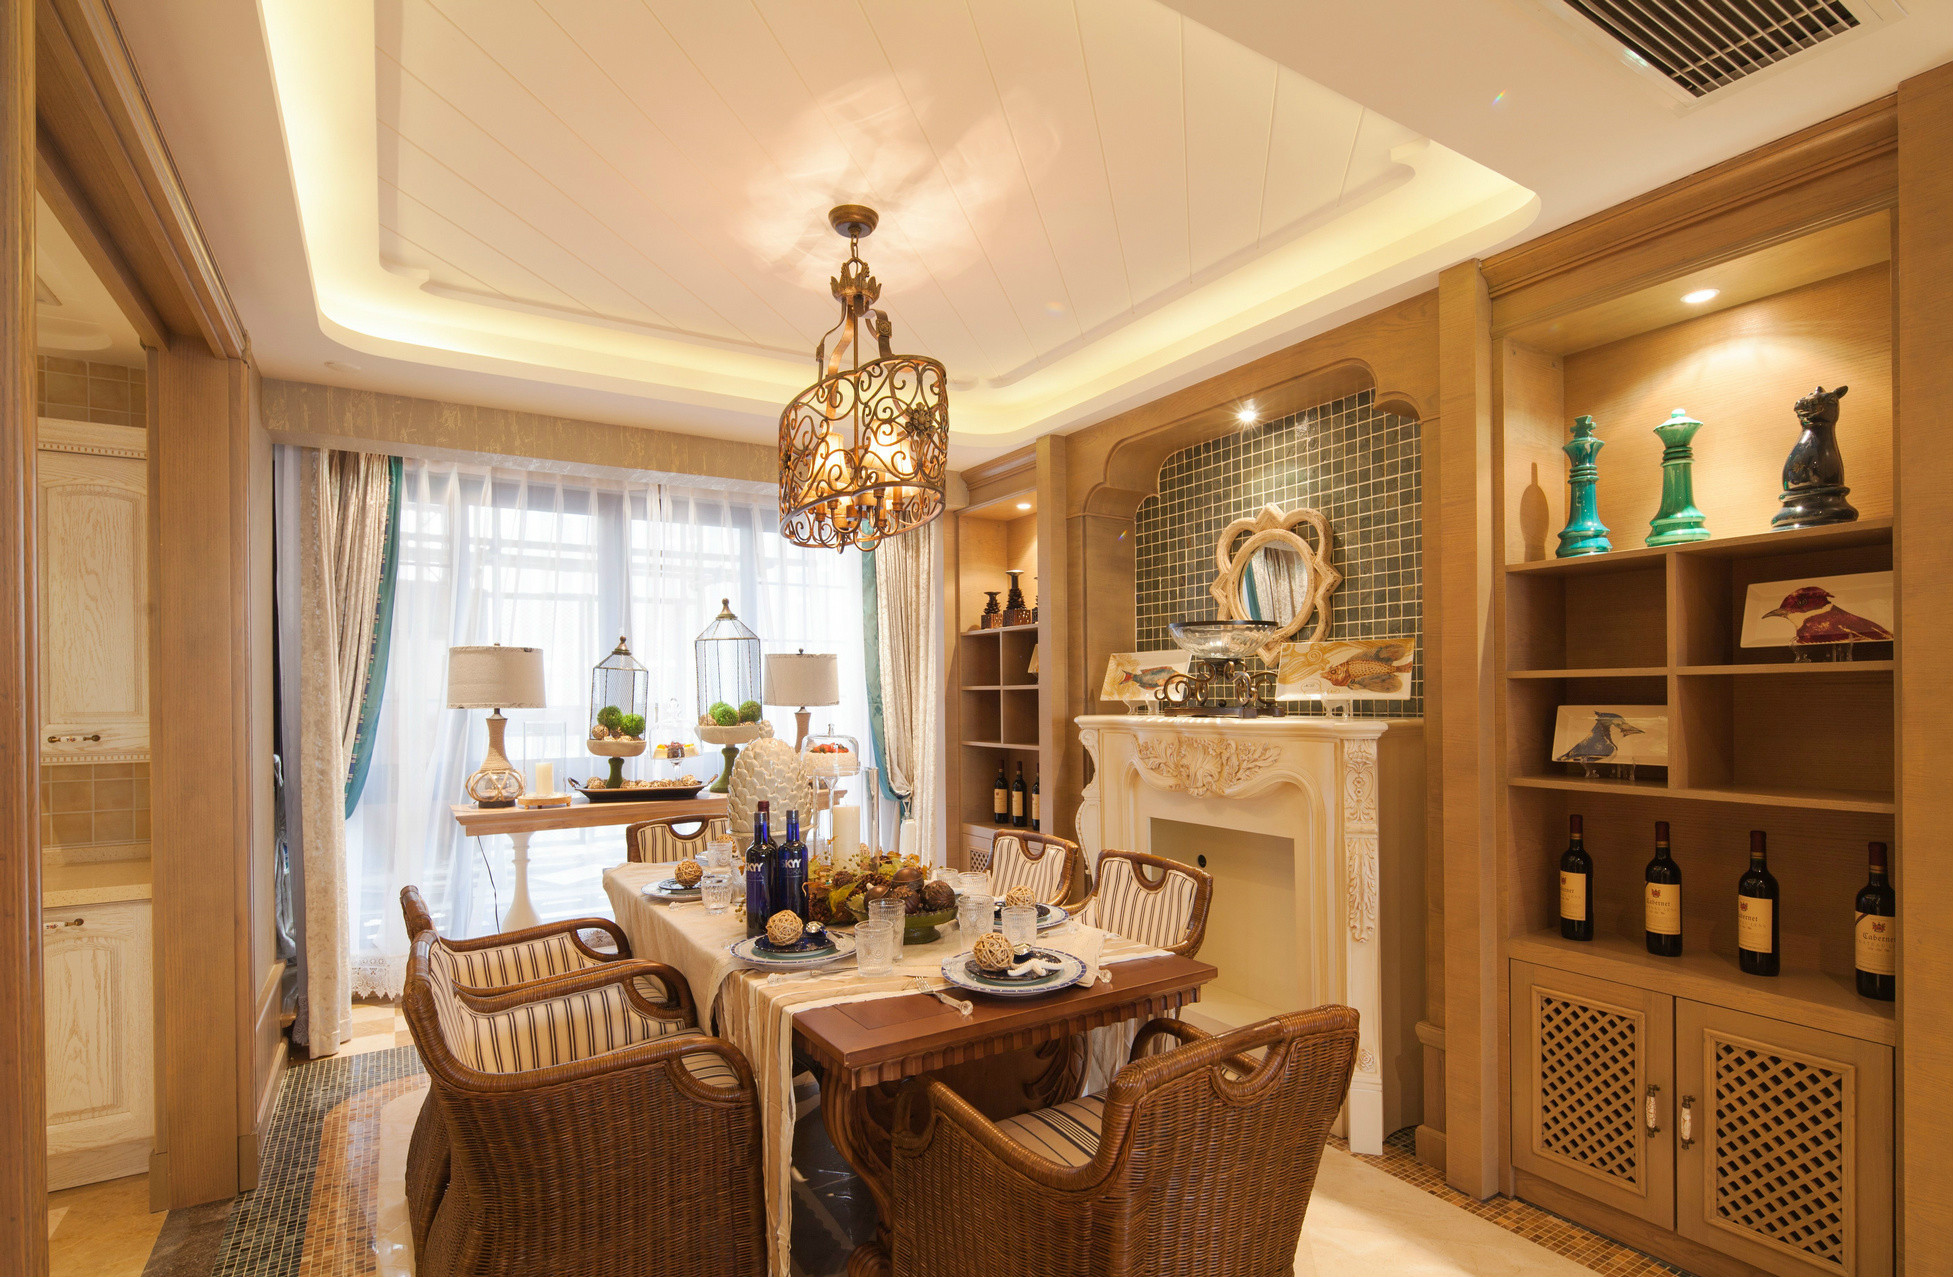 餐厅古典大气的气质便给人震撼,,配以雕刻精美的木质茶几,流露出贵族的气质。